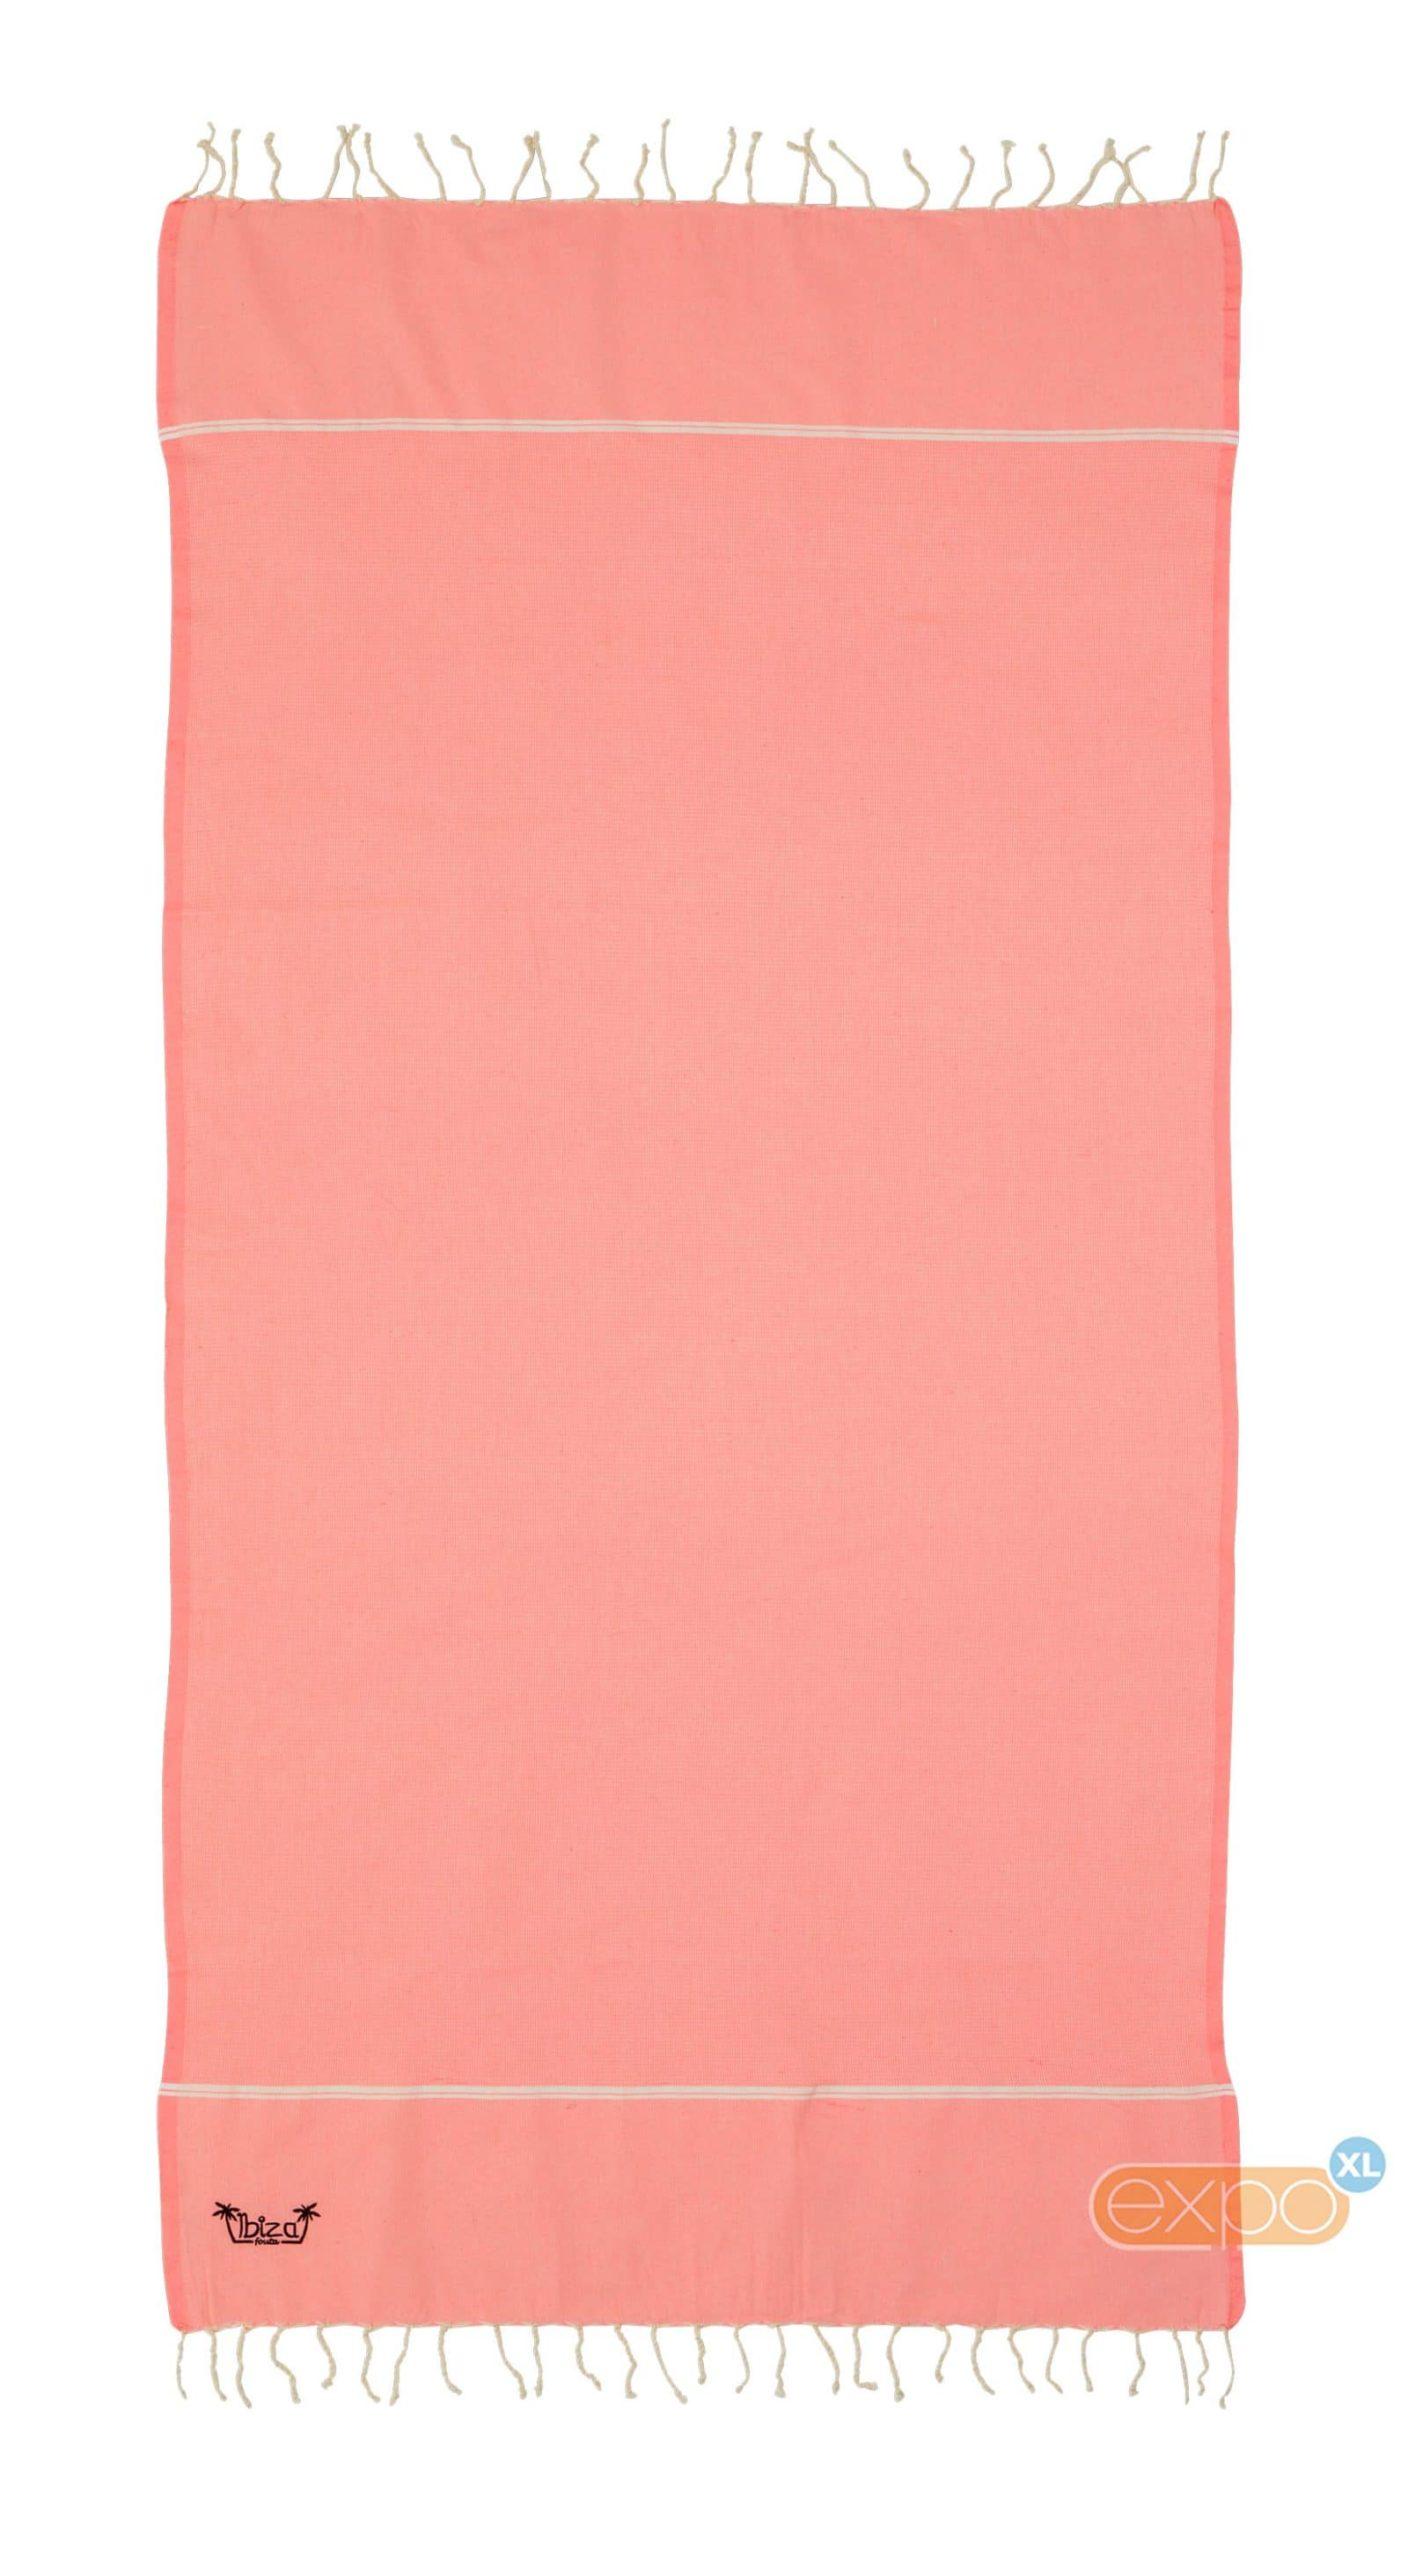 Expo XL Fouta Es Vedra - XL hamamdoek - neon roze